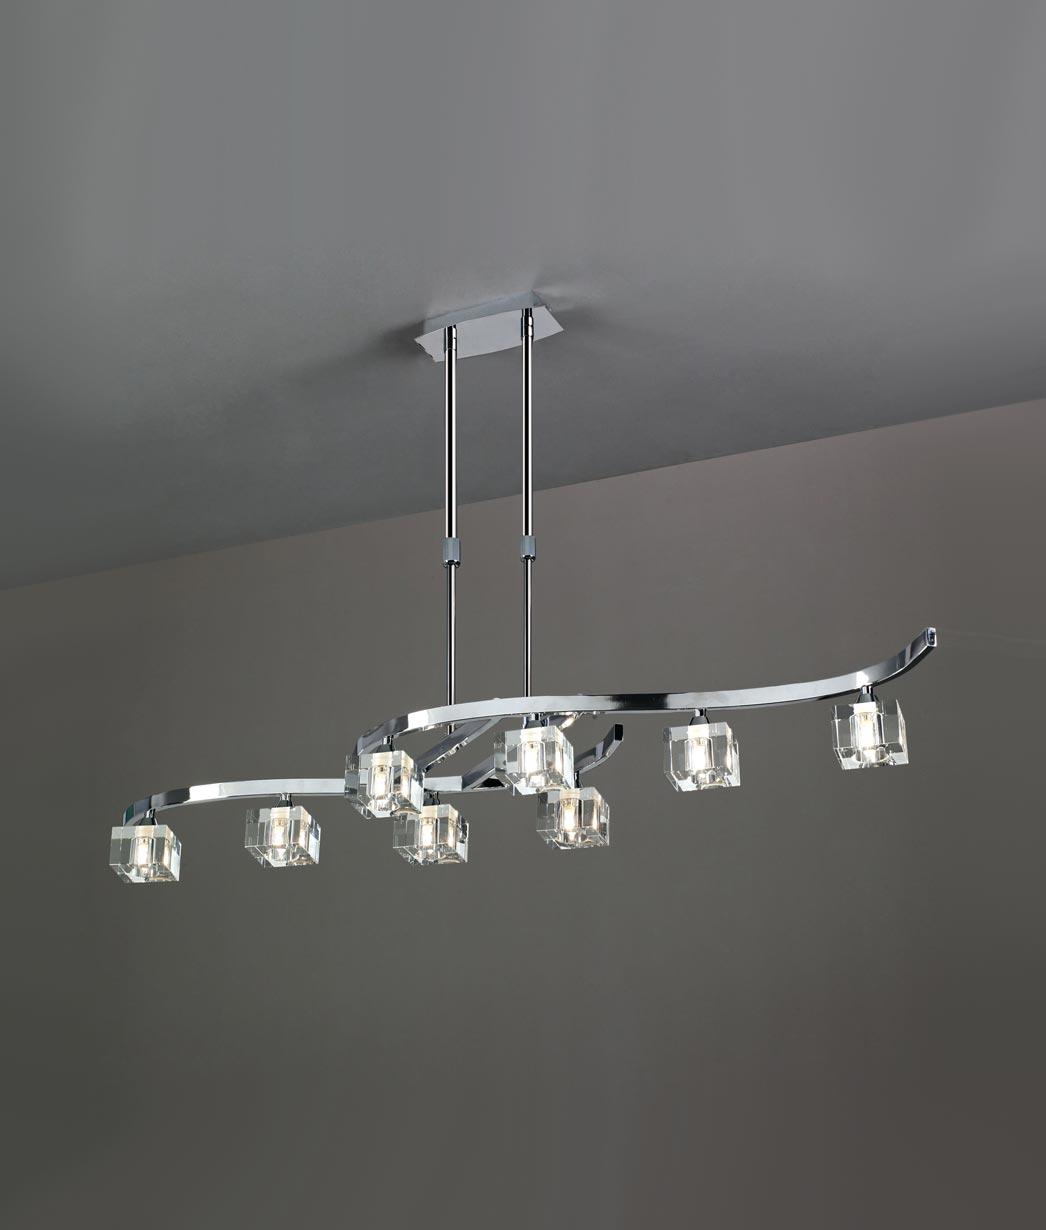 Lámpara grande cromo cristal CUADRAX 8 luces